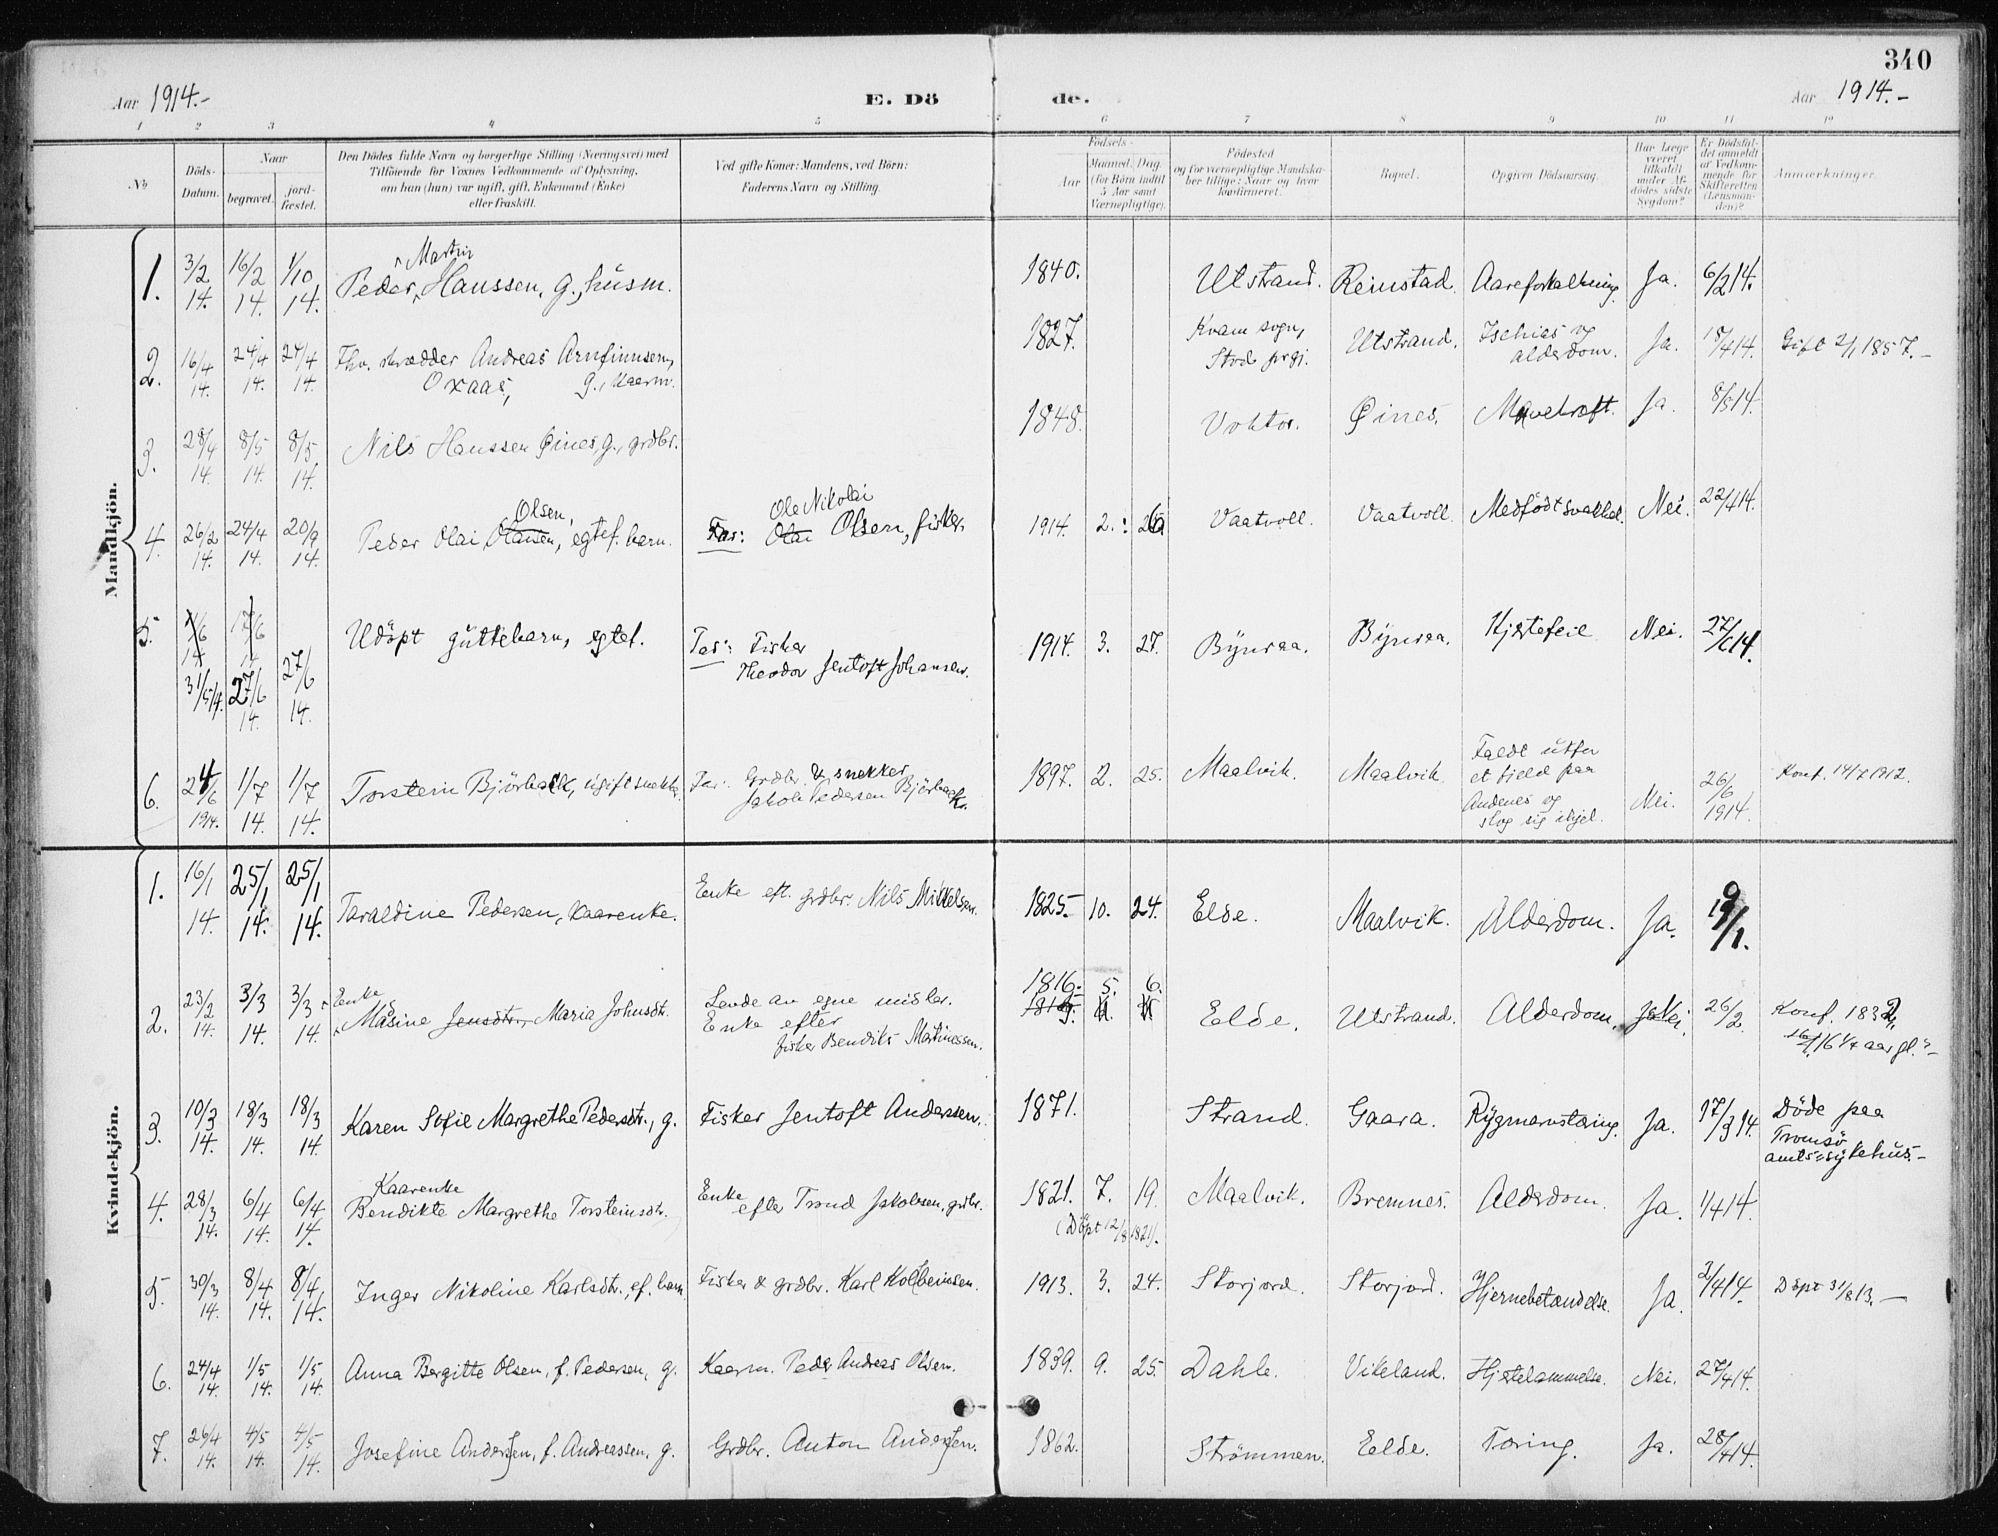 SATØ, Kvæfjord sokneprestkontor, G/Ga/Gaa/L0006kirke: Ministerialbok nr. 6, 1895-1914, s. 340